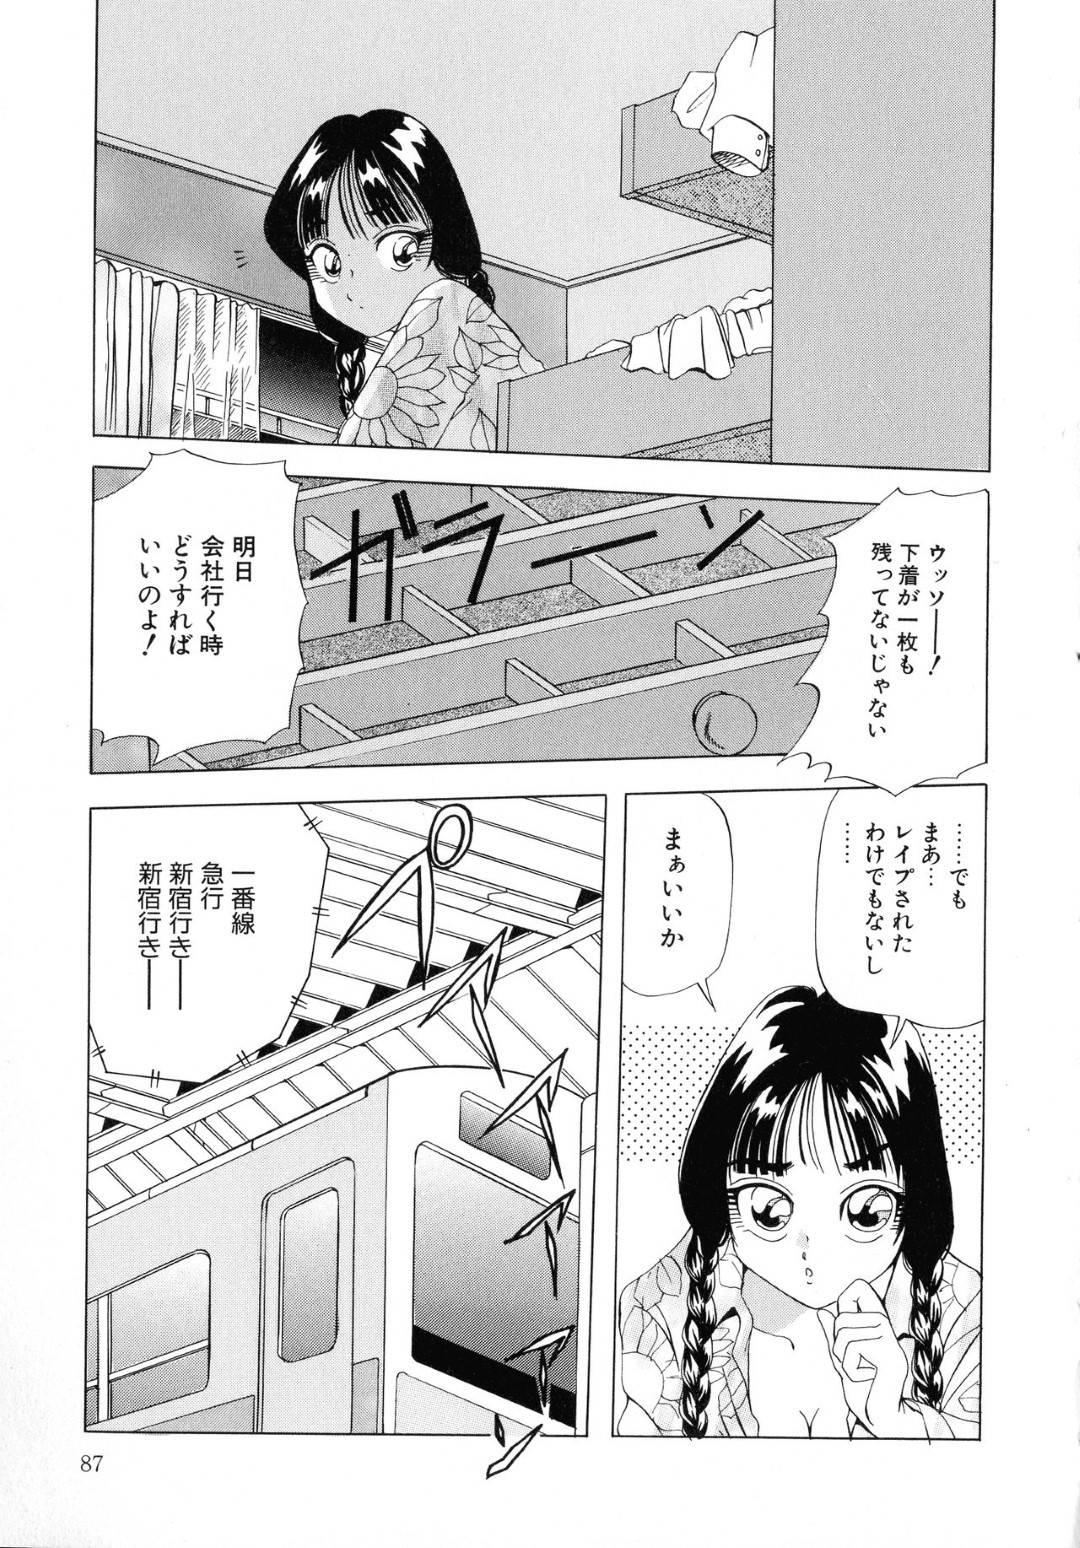 【エロ漫画】下着泥棒に下着を盗まれノーパンノーブラで電車に乗るお姉さんは痴漢車両で輪姦レイプされてしまう